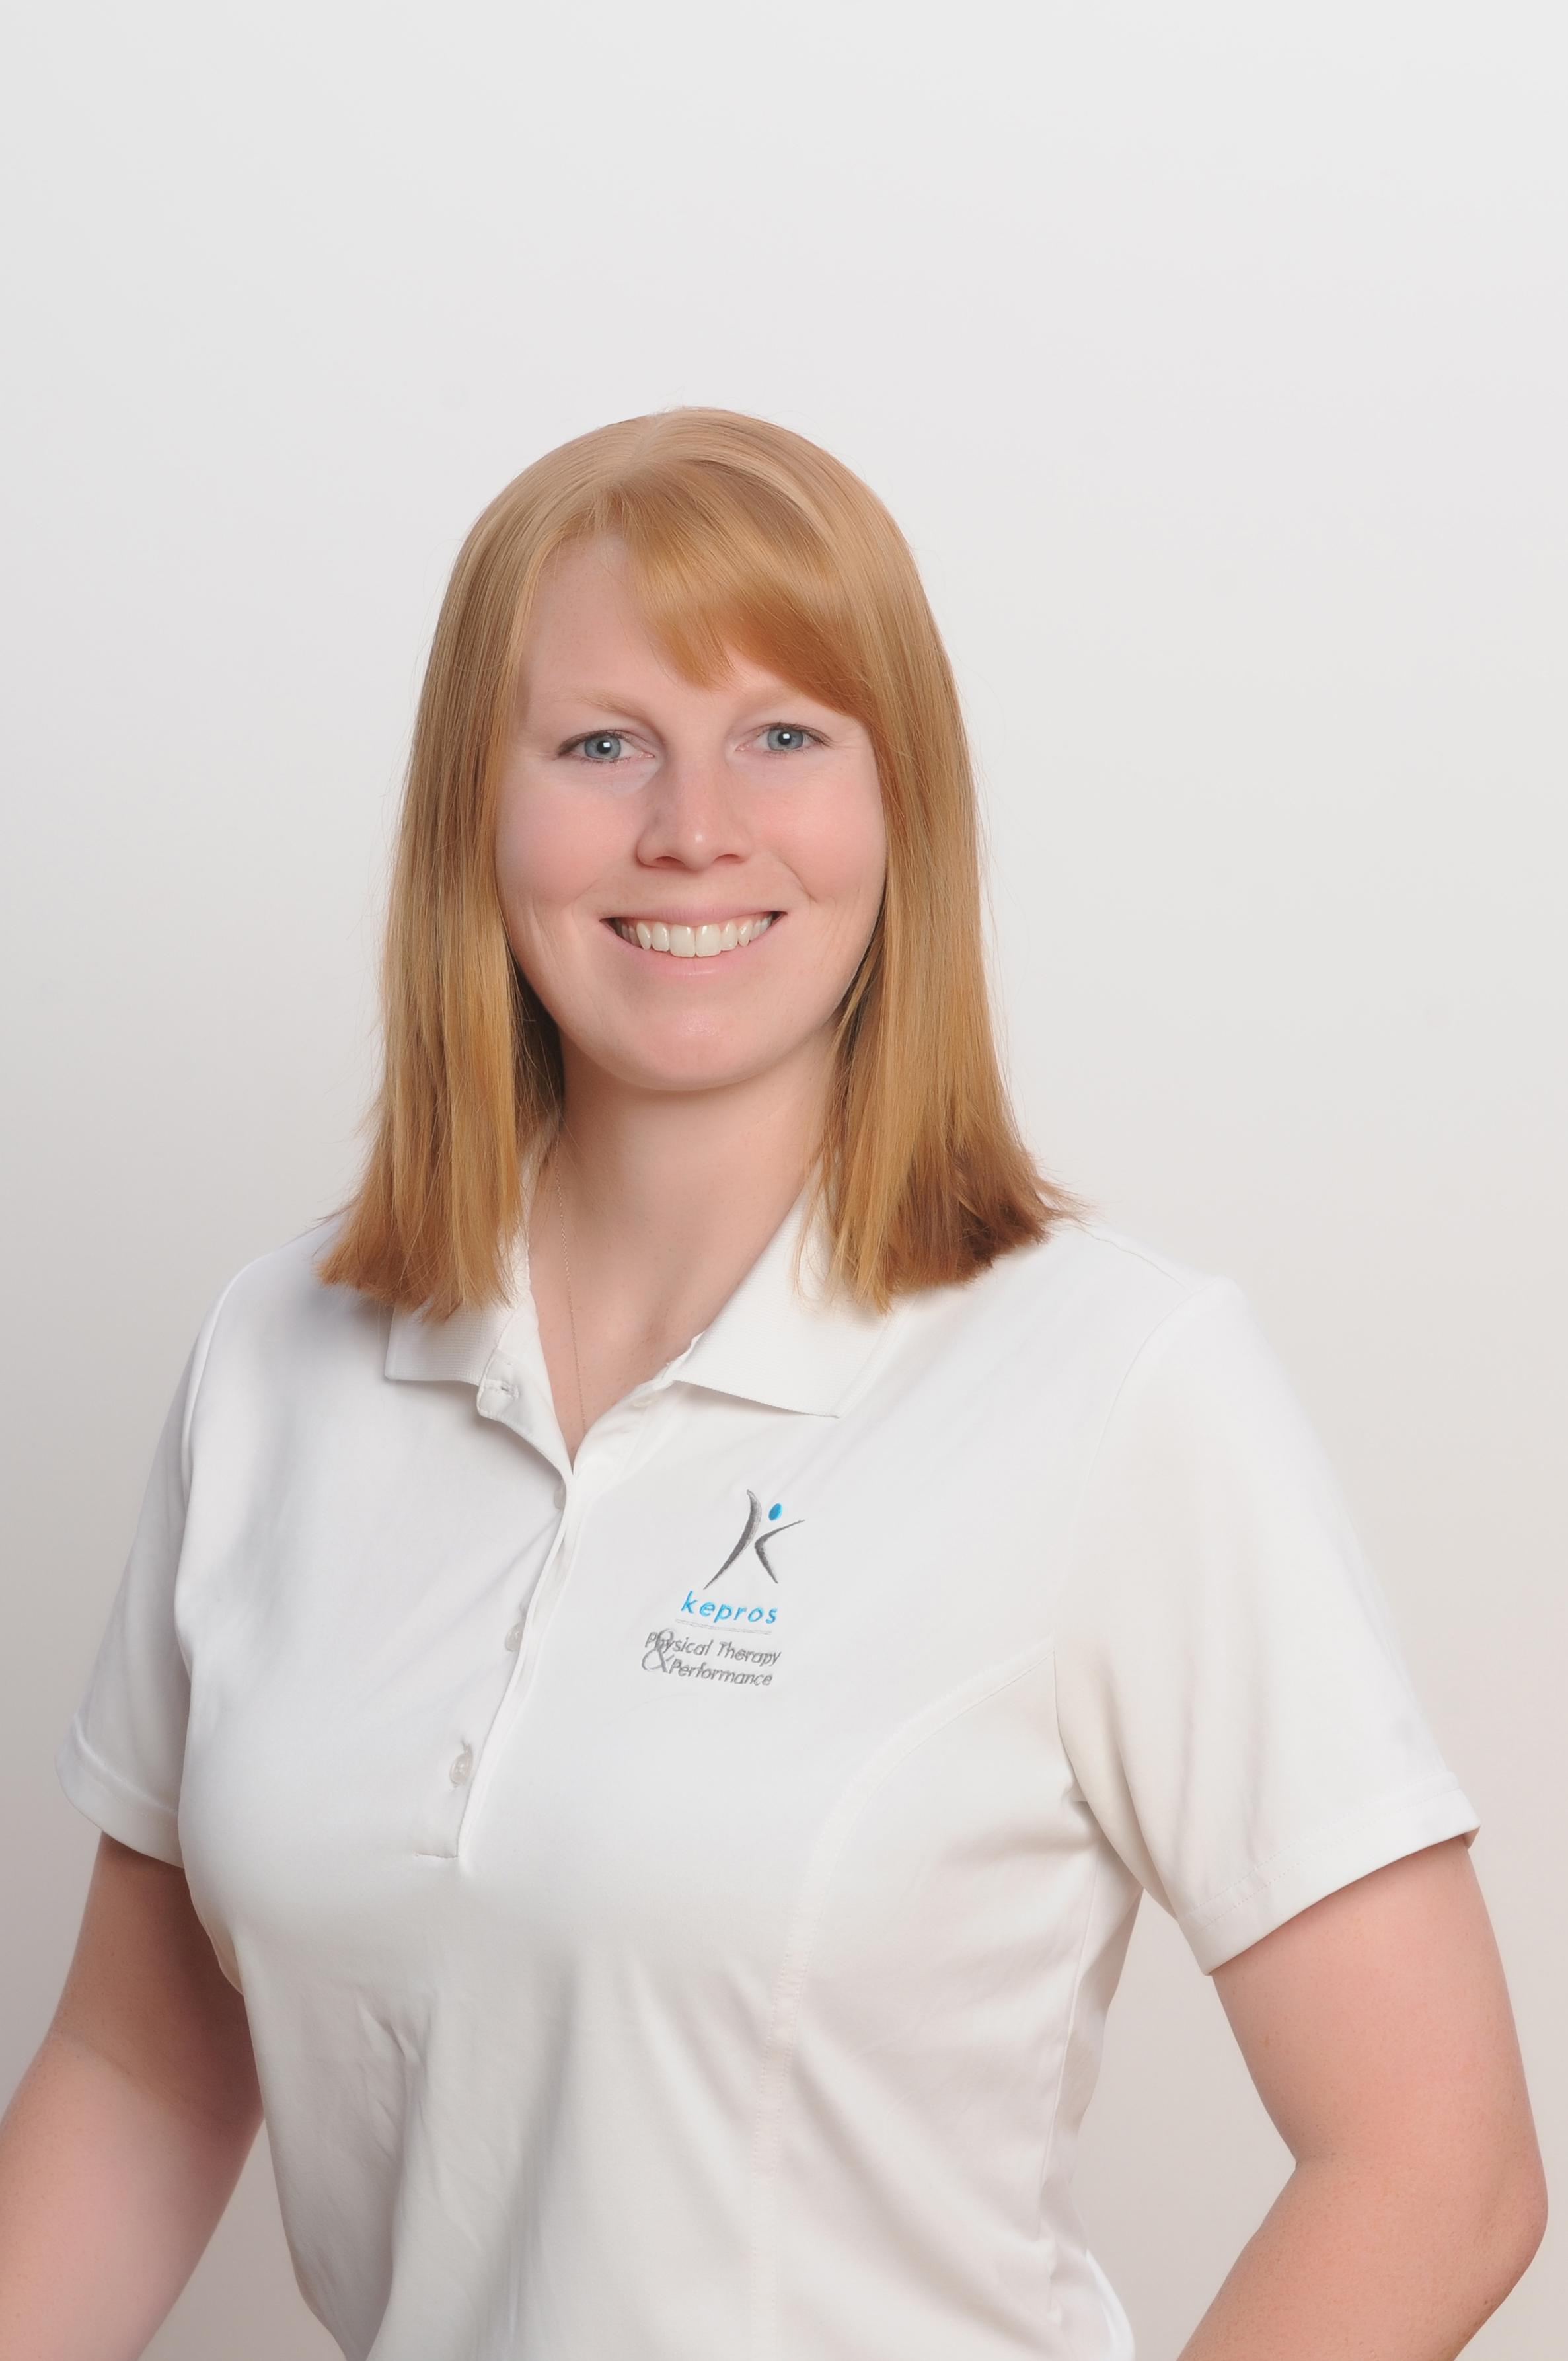 Lauren Saehler, PT, DPT